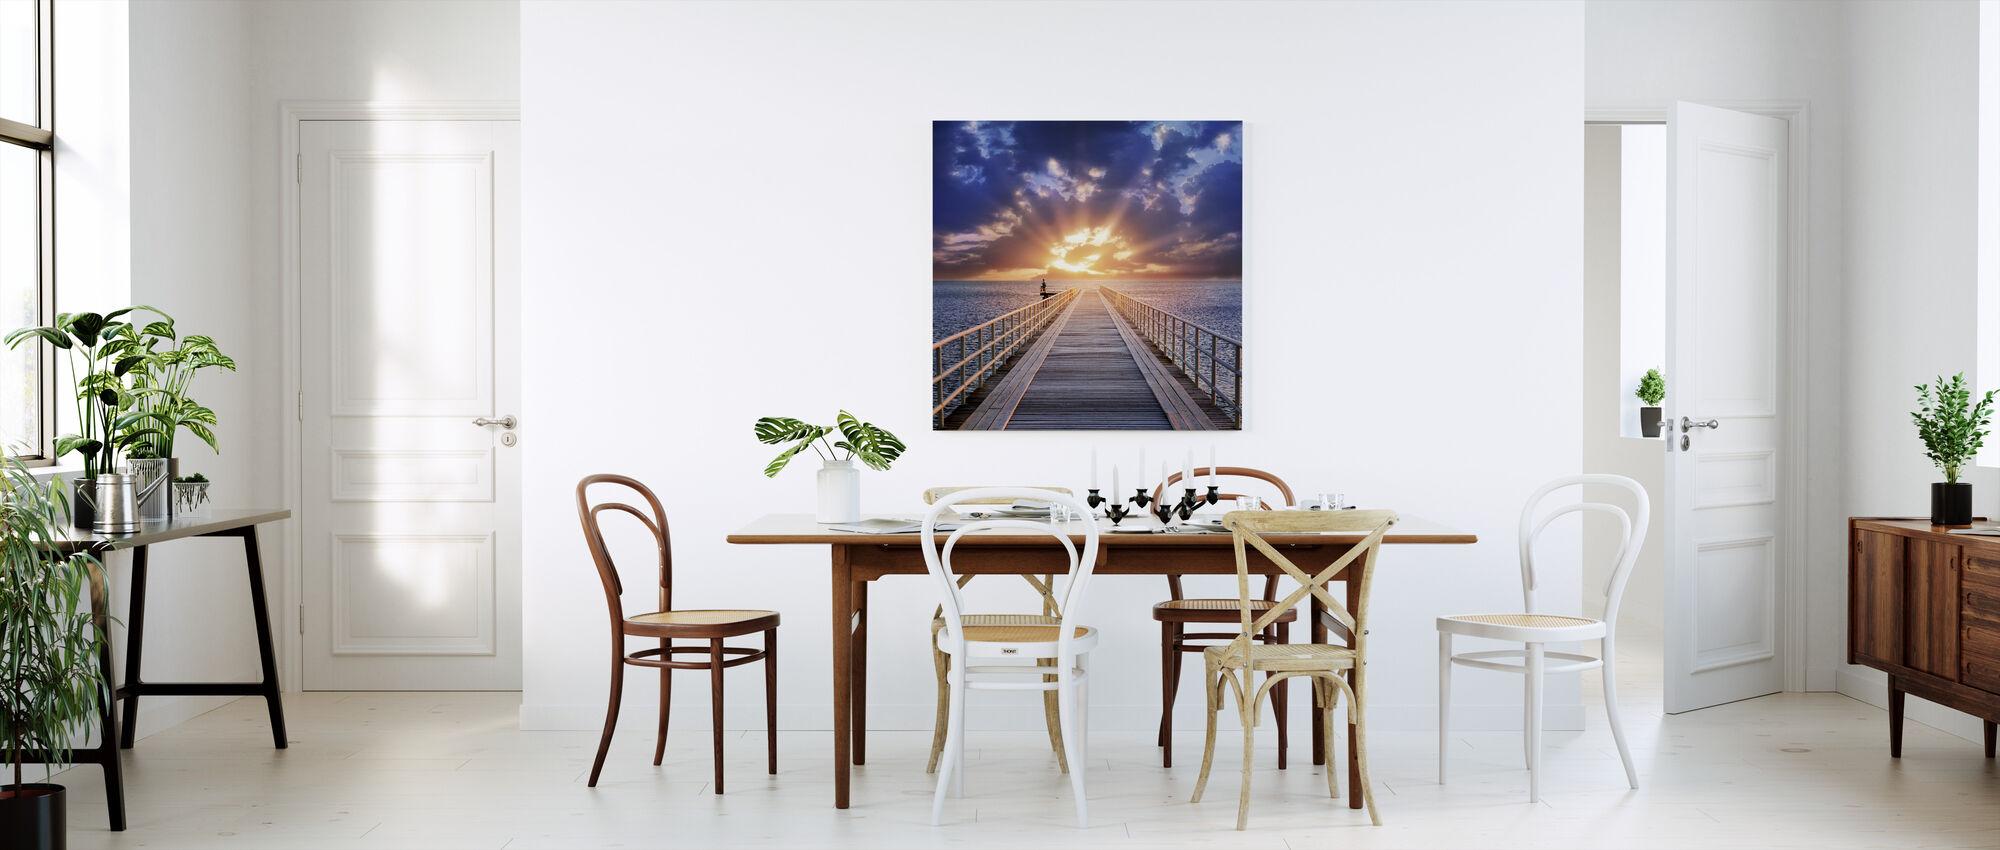 Bakgrunnsbelysning bro - Lerretsbilde - Kjøkken